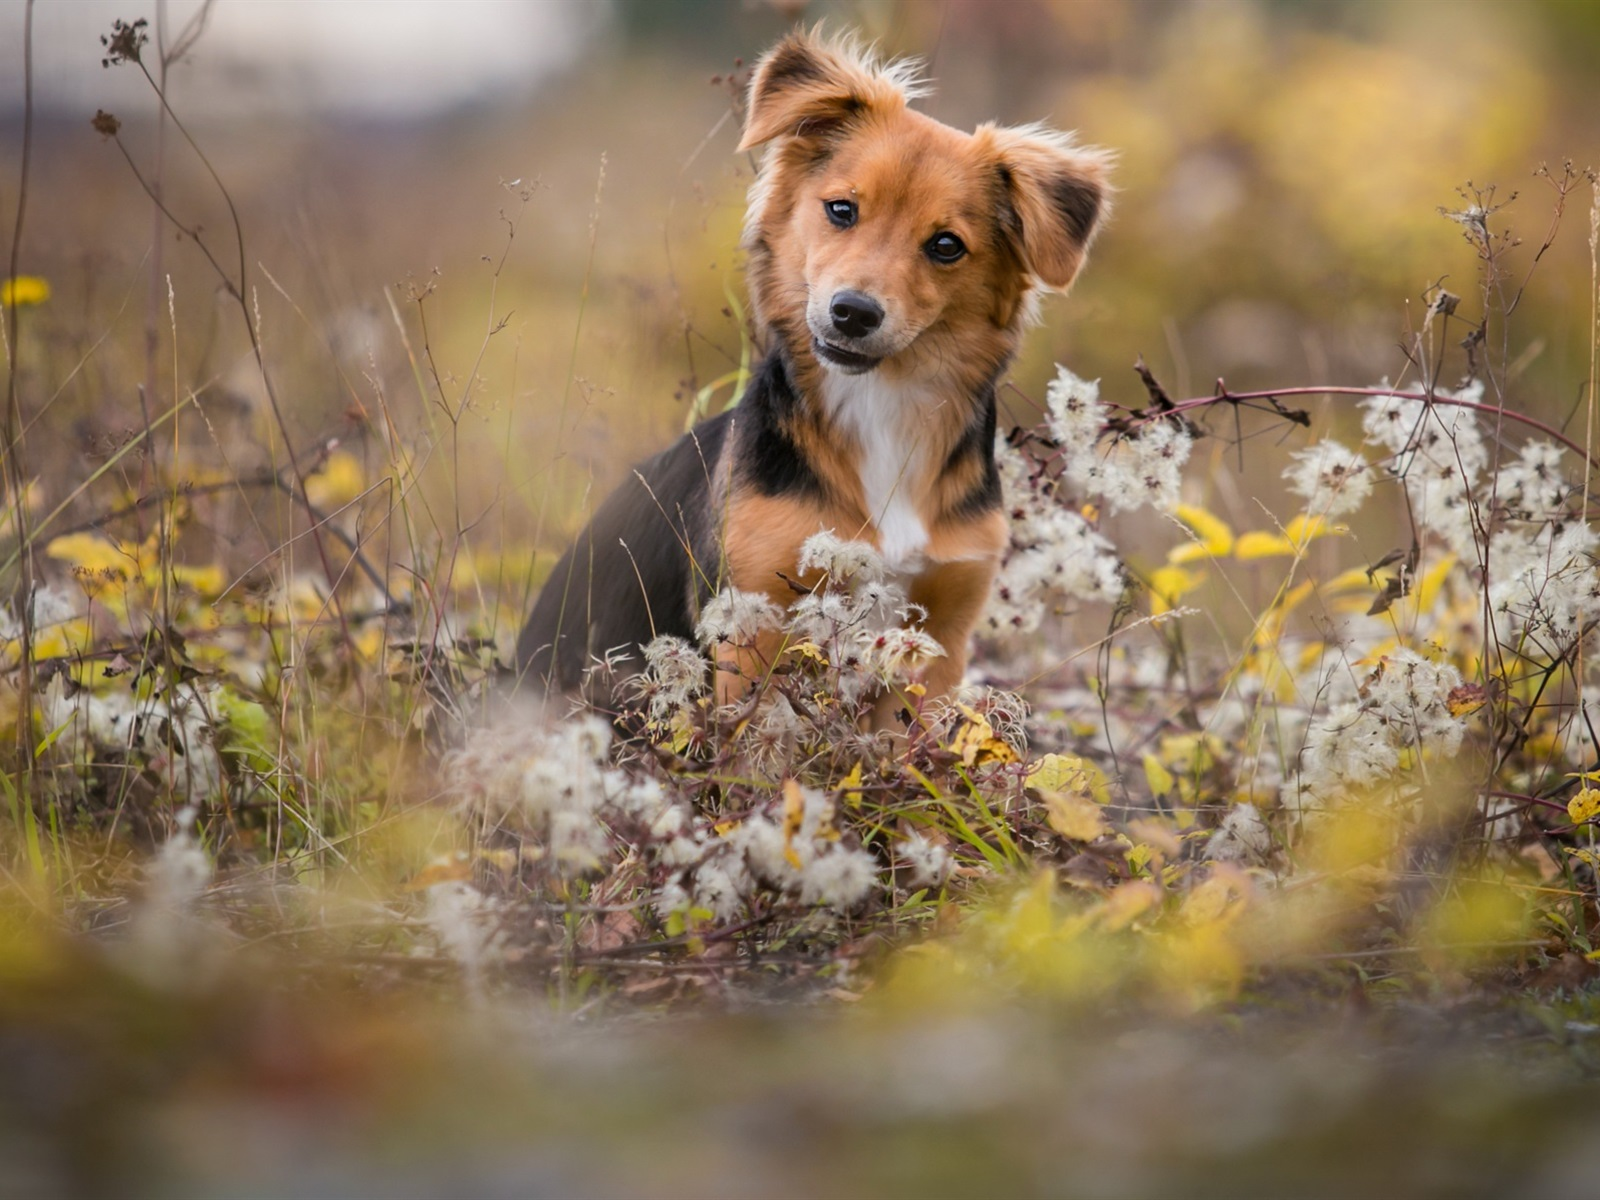 壁紙 かわいい犬 野生の花 19x10 Hd 無料のデスクトップの背景 画像